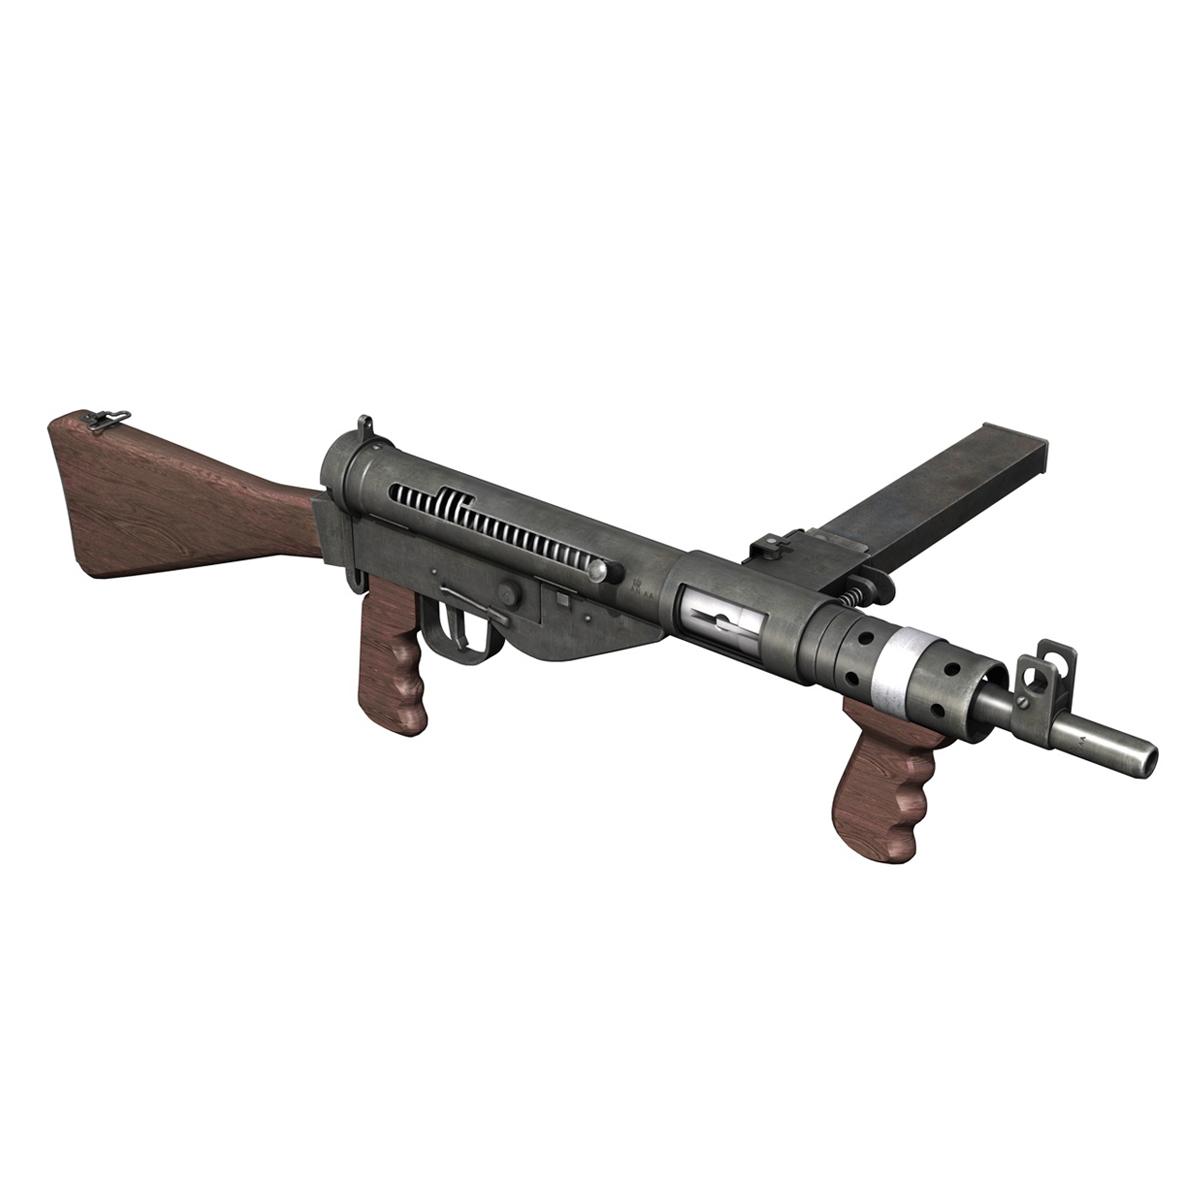 sten submachine gun – collection 3d model 3ds fbx c4d lwo obj 199303